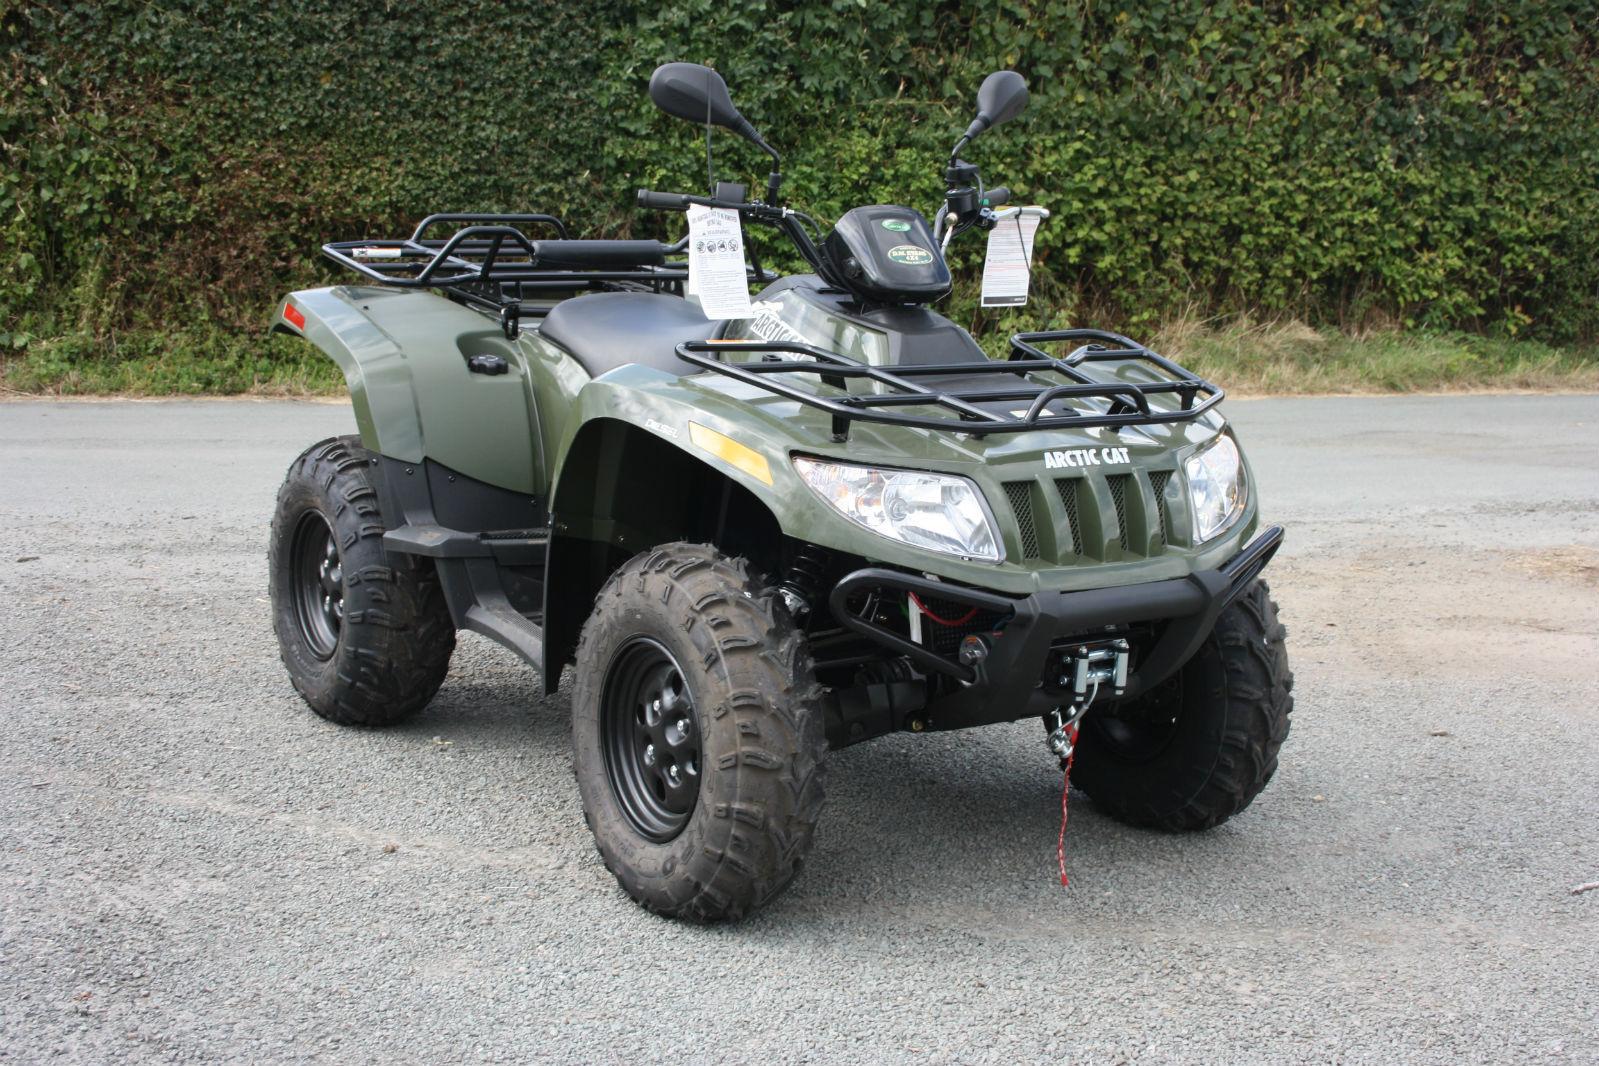 arctic cat 700cc diesel quad atv 4x4 brand new farm quad. Black Bedroom Furniture Sets. Home Design Ideas